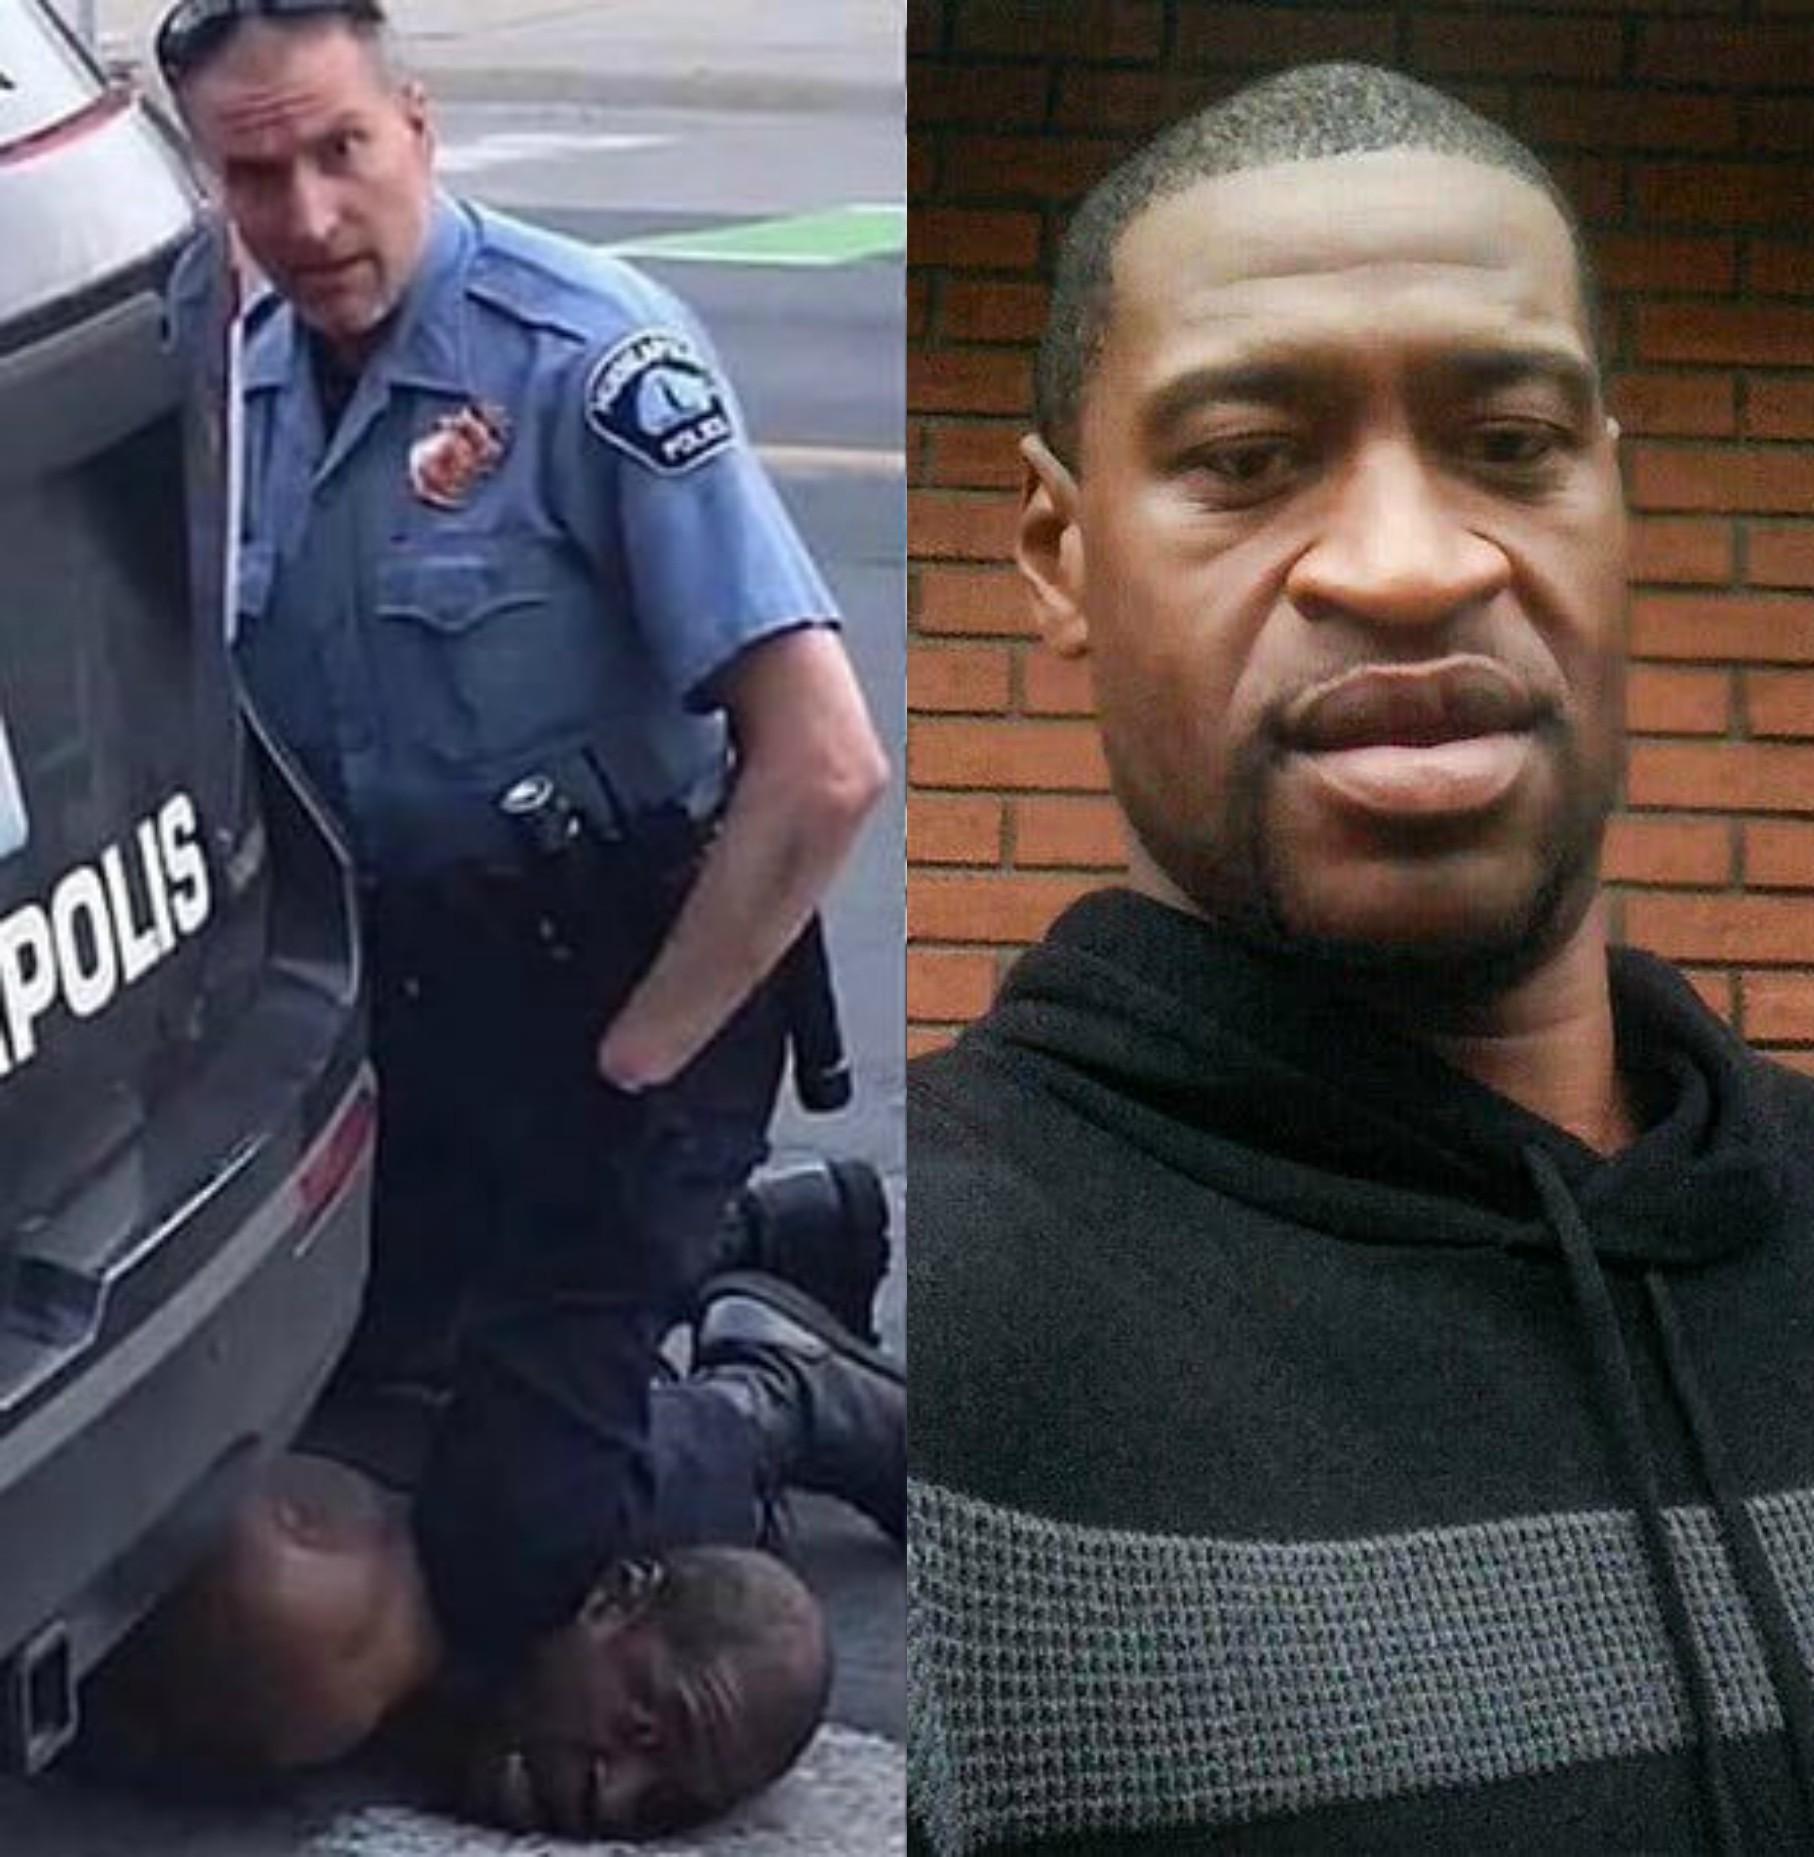 Merret vendimi edhe për 3 ish-oficerët e tjerë në vrasjen e George Floyd! Ja me çfarë akuzash do të përballen